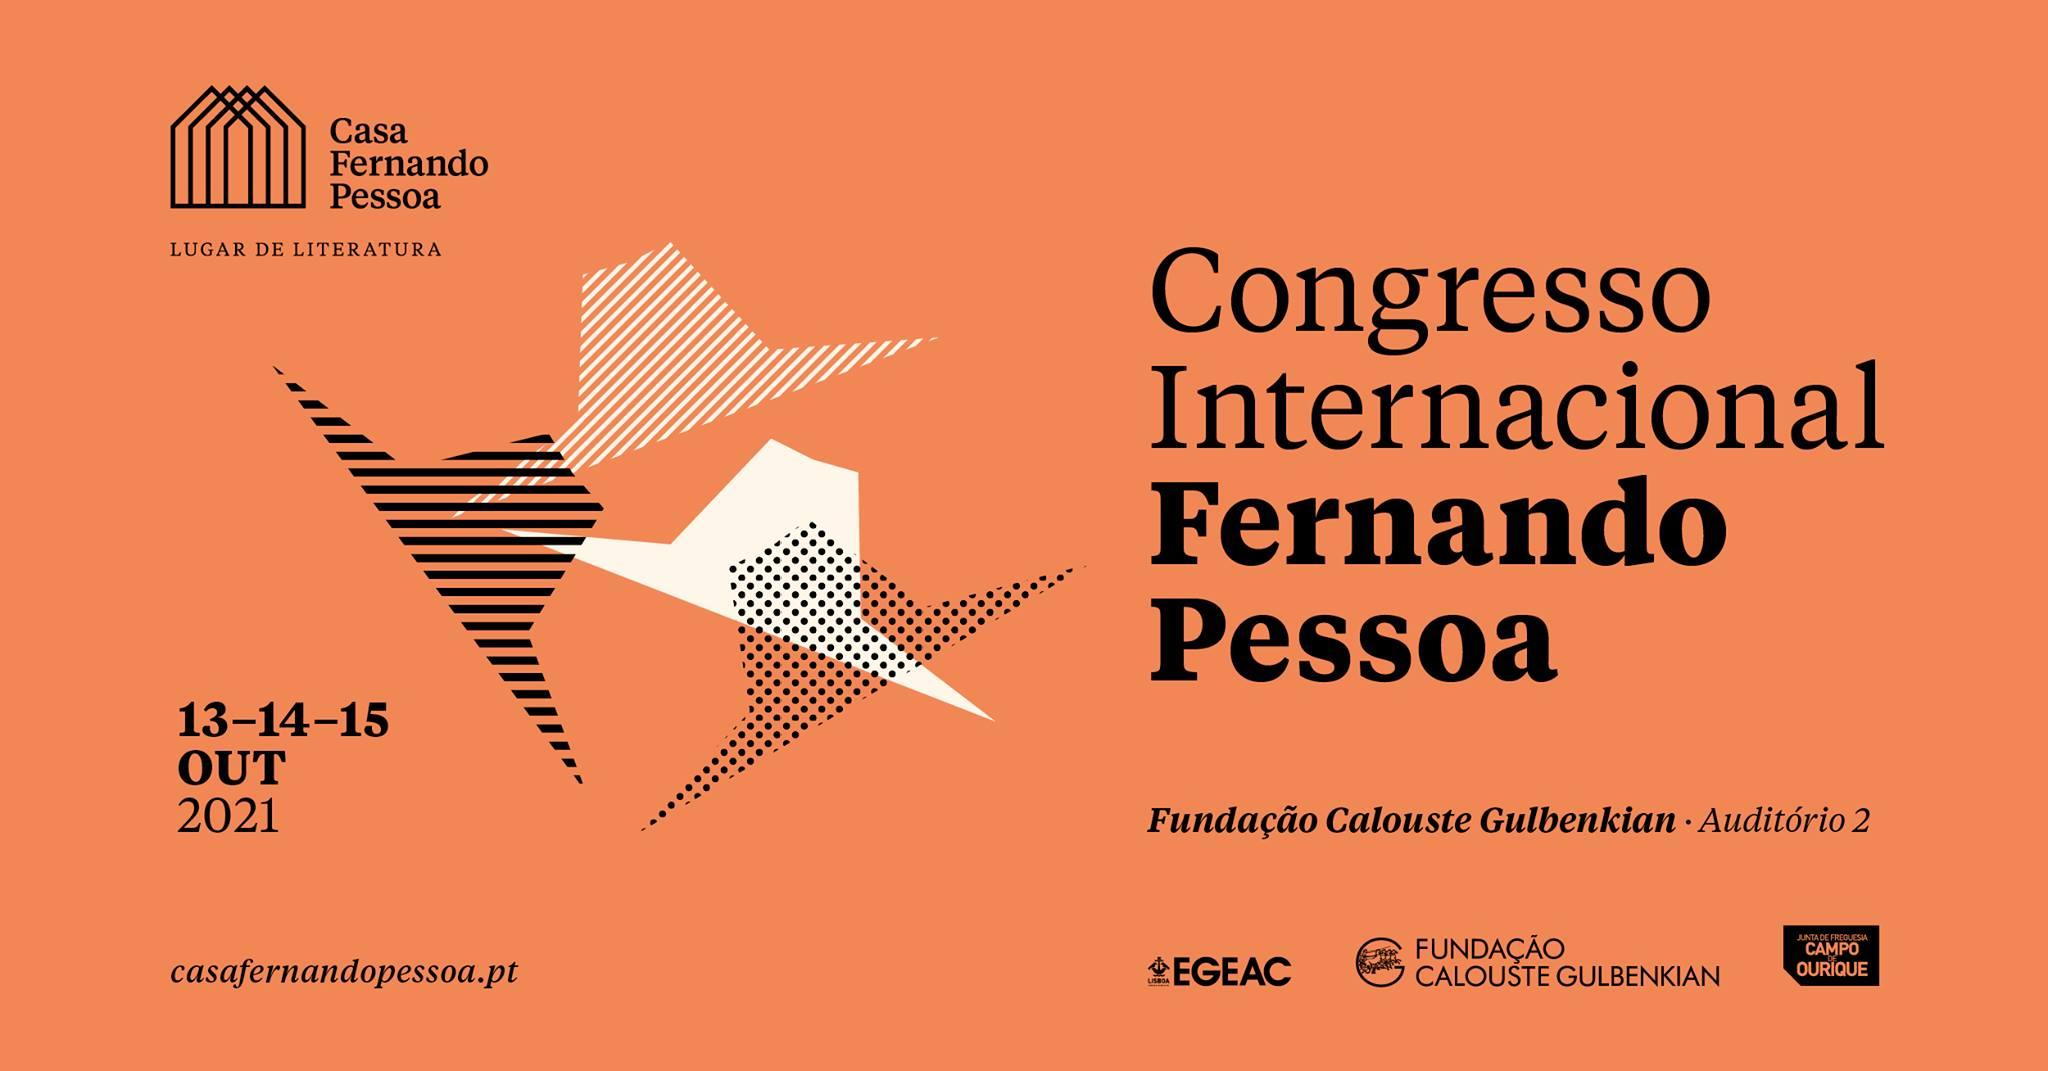 Congresso Internacional Fernando Pessoa